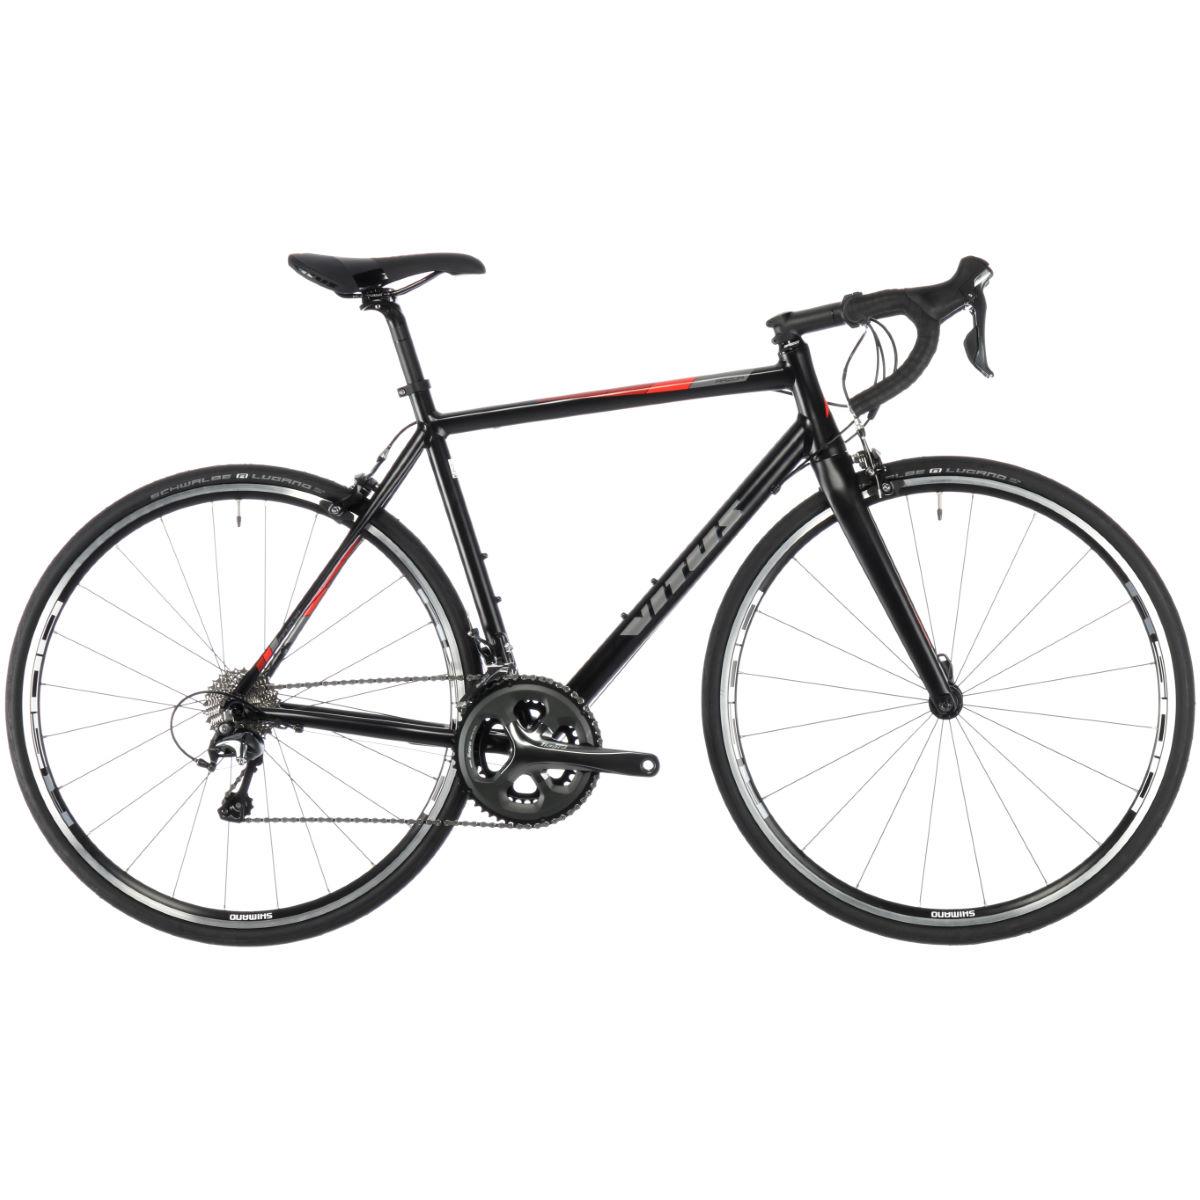 Vitus Bikes Razor VRX 2018 Bikes